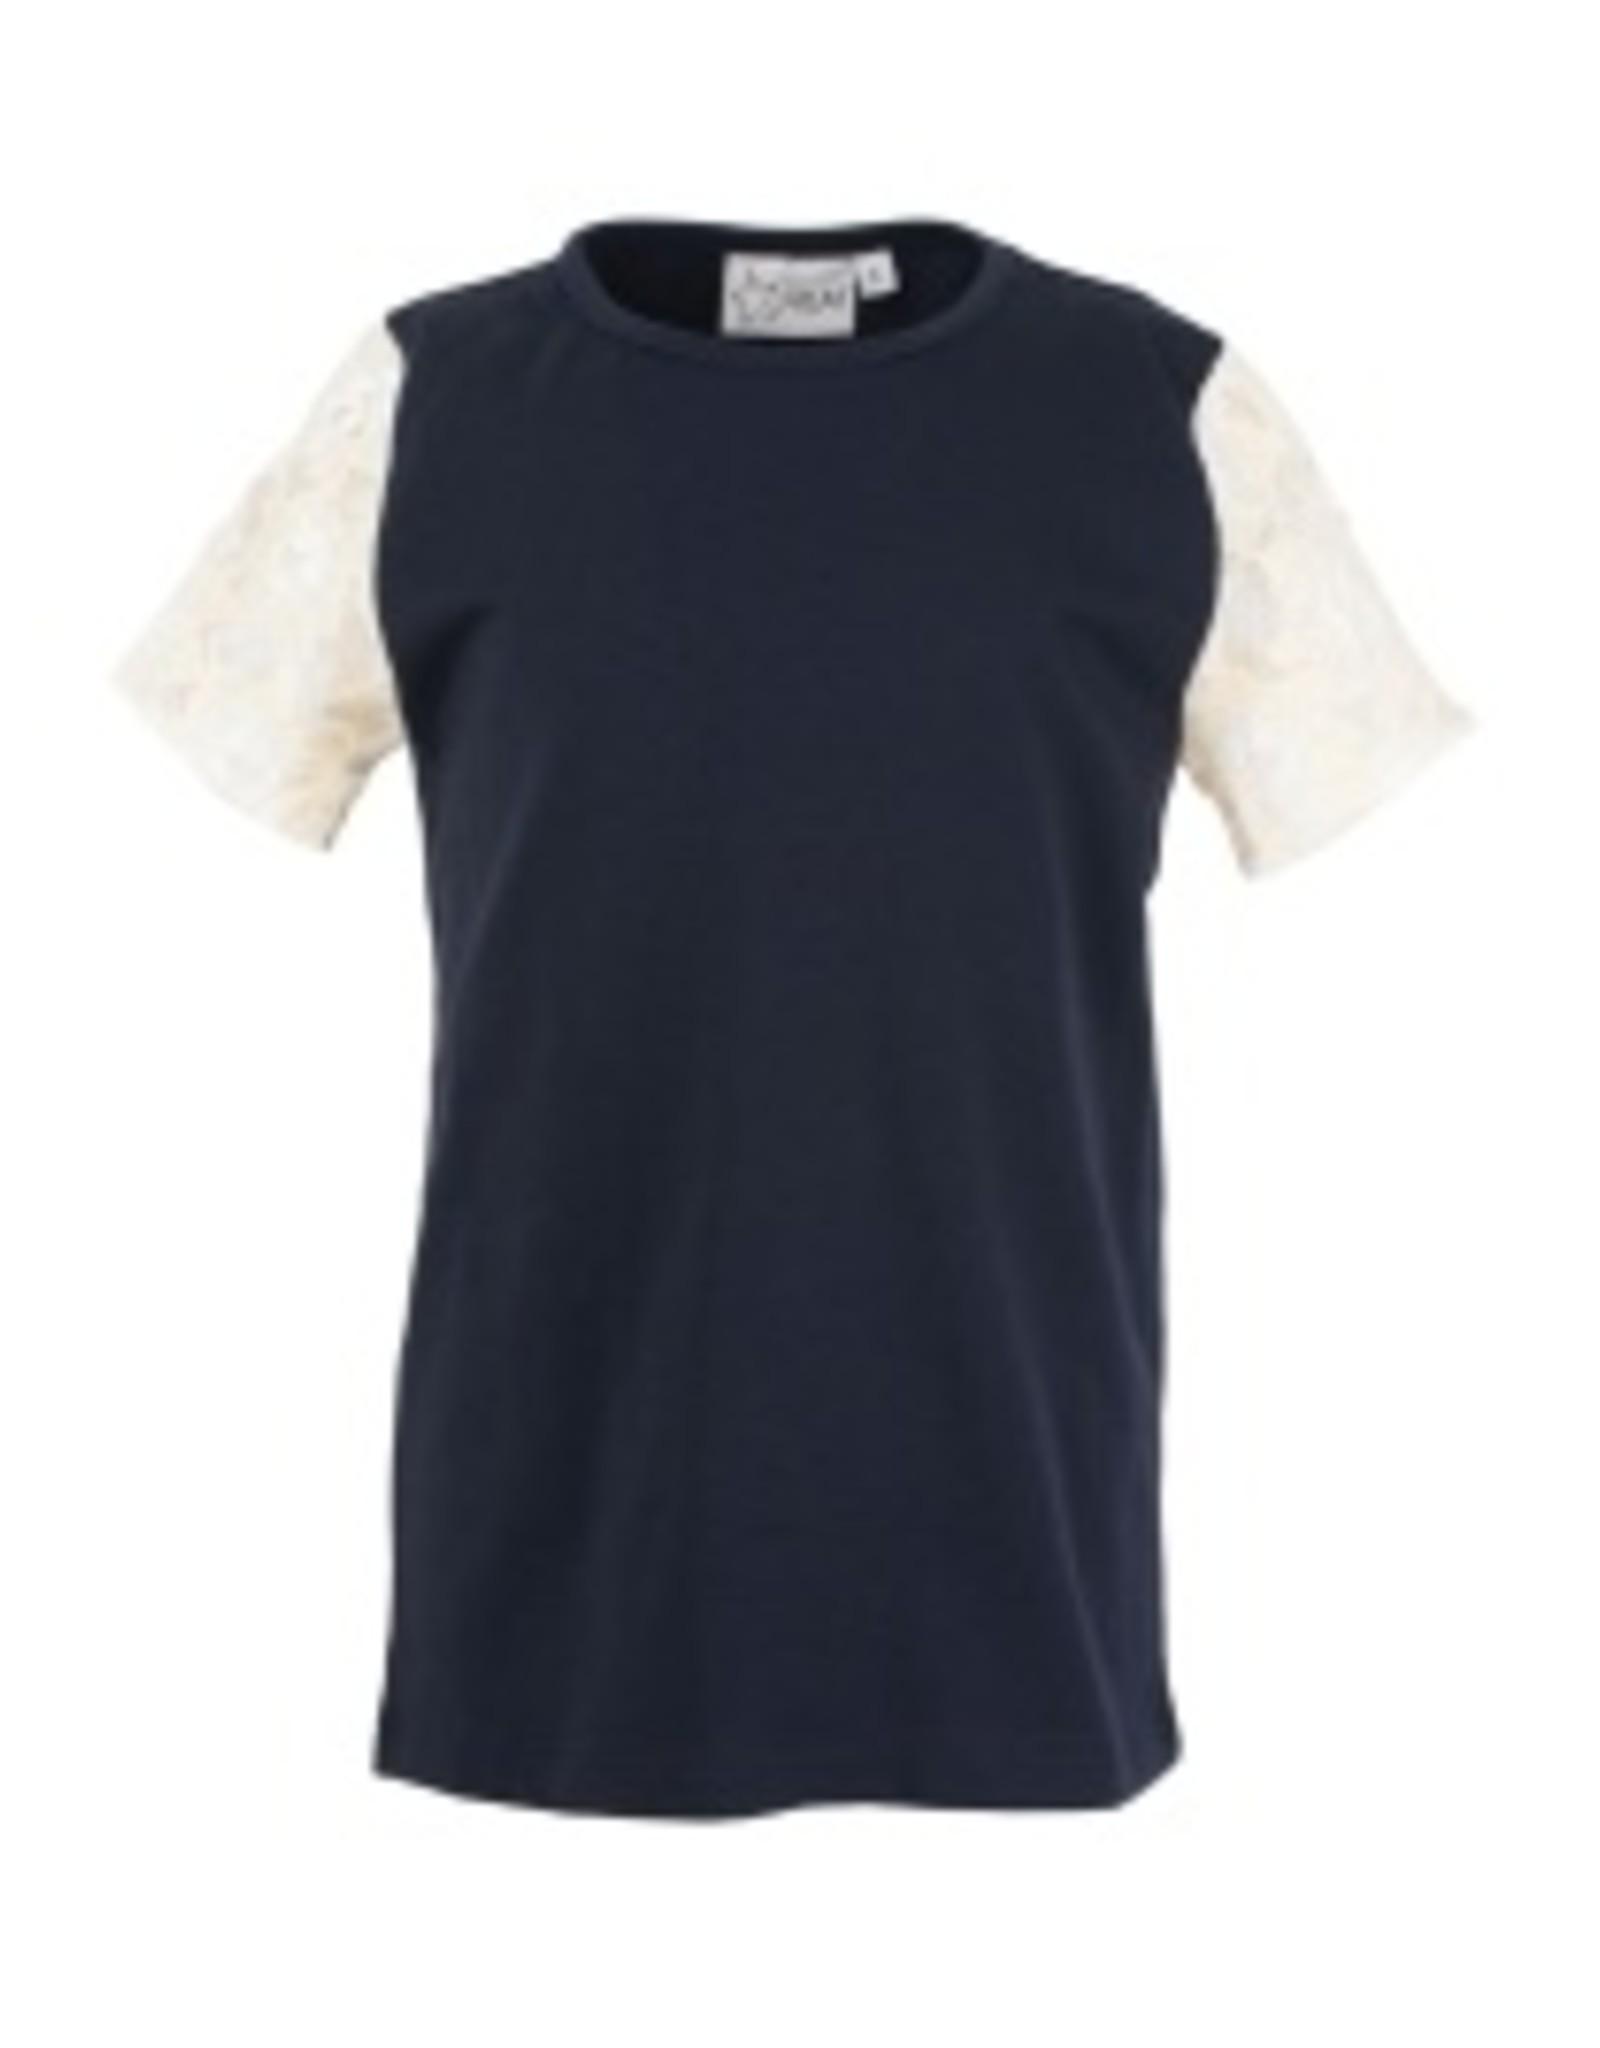 Starfreak Starfreak T-shirt with Lace Sleeve Jersey Co/El Blue